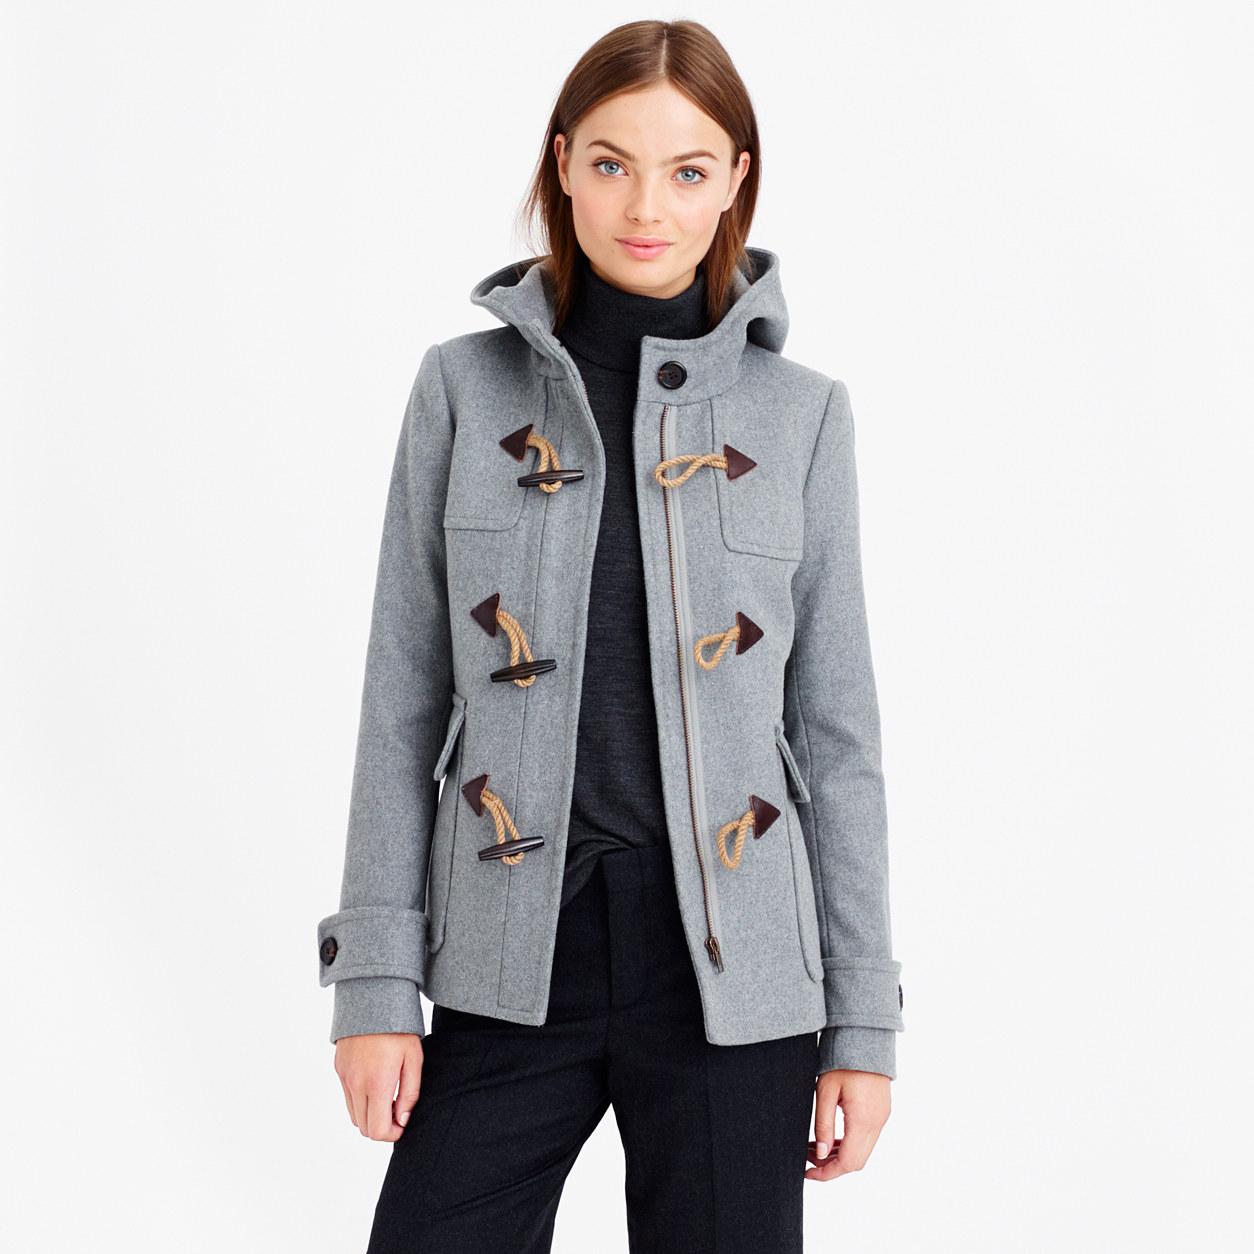 J.Crew Classic Duffle Coat | Fall Coats for 2014